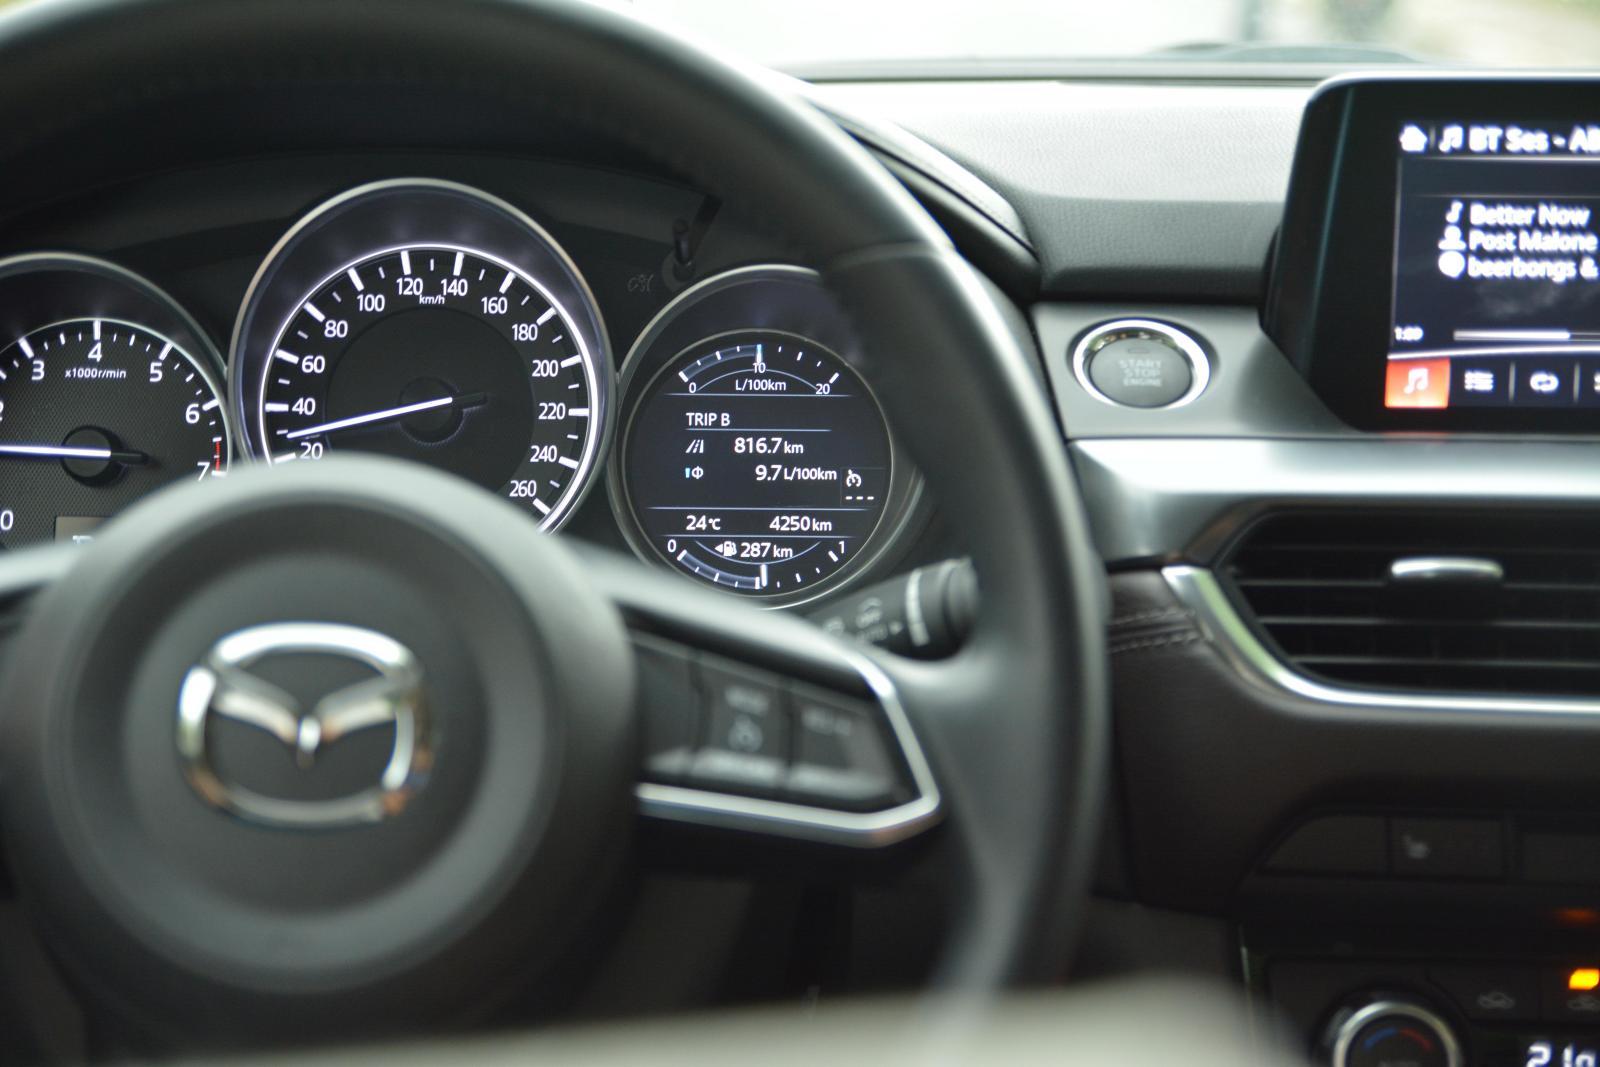 2017 Mazda6  Konsol ve Bilgi Ekranı